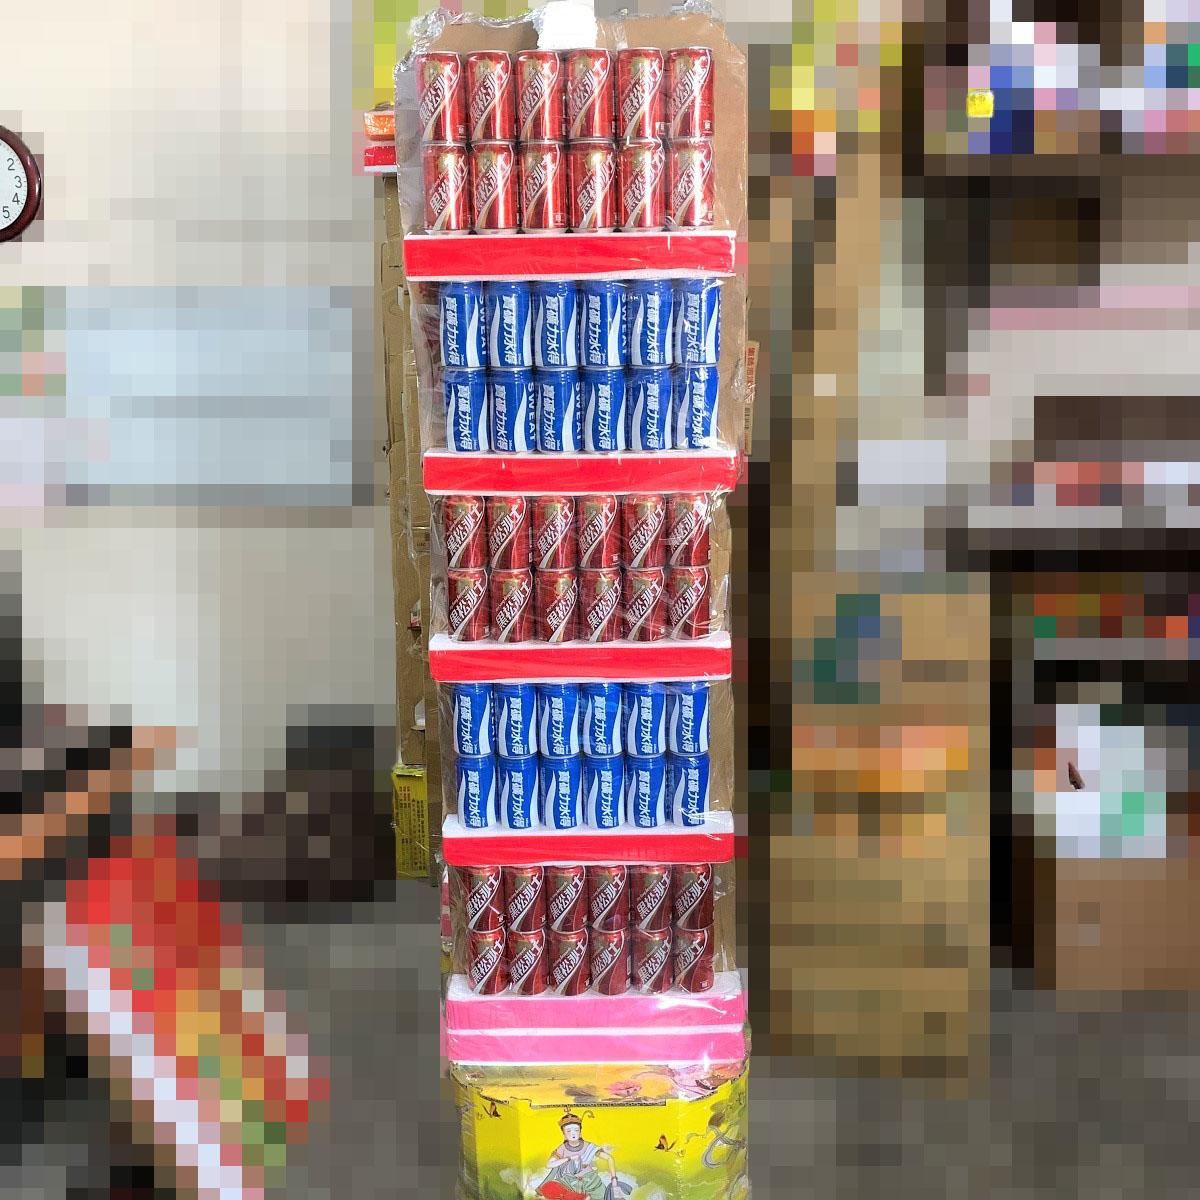 喪禮用知名廠牌純飲品罐頭塔